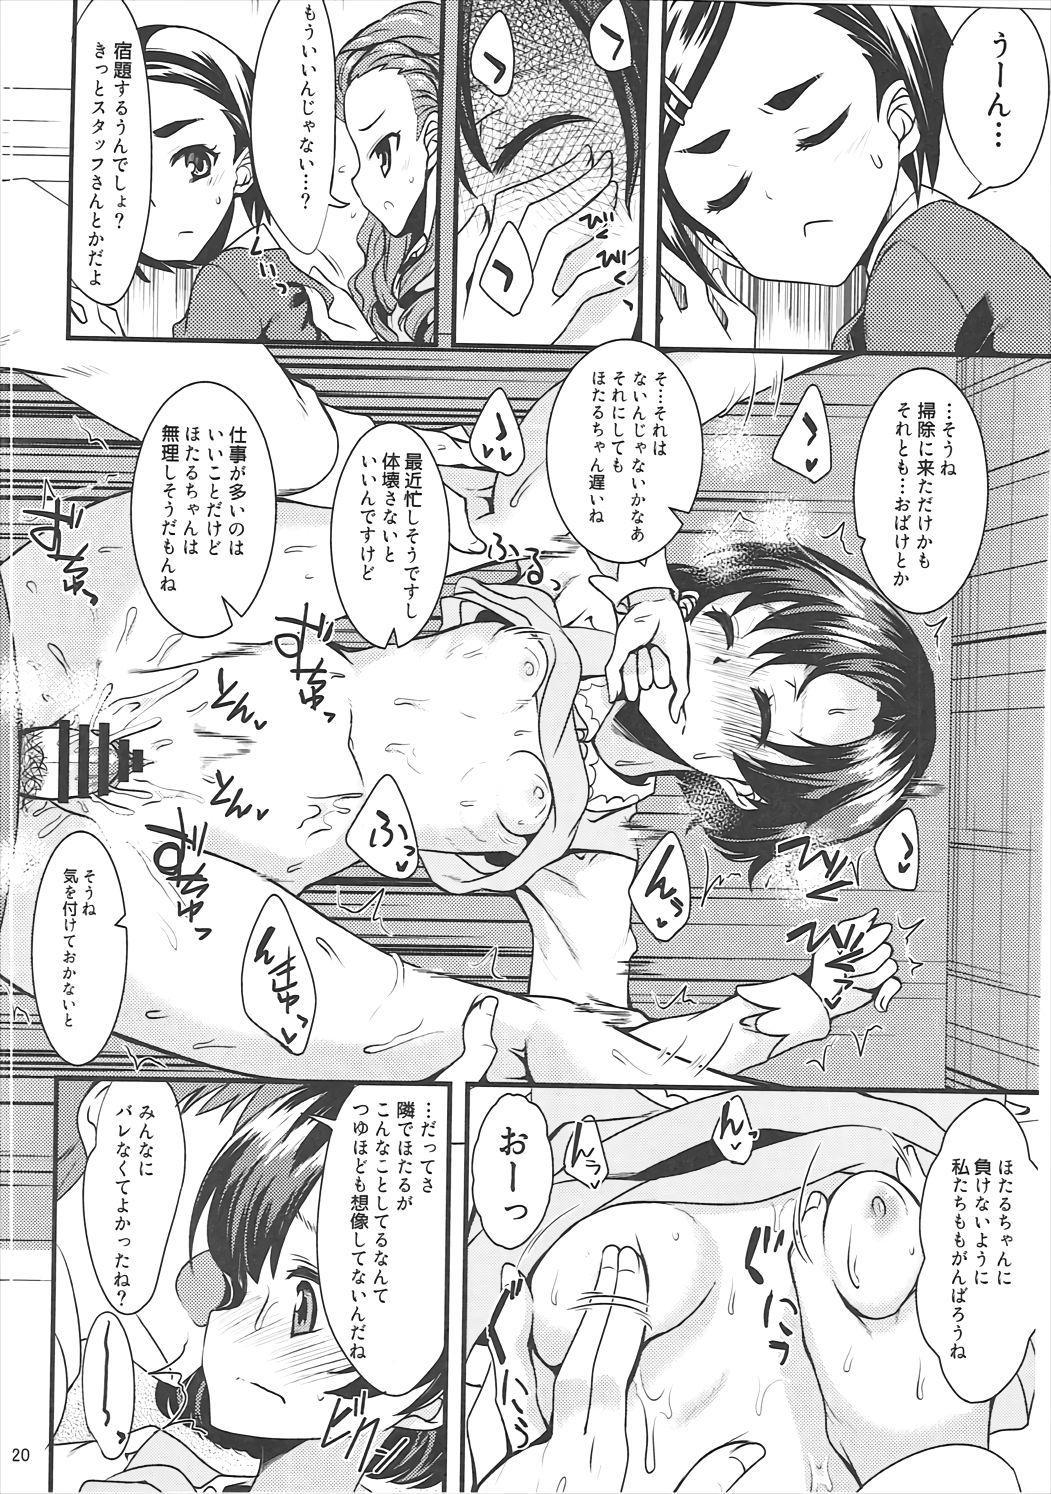 Shiragiku no Shoujo ni Suzuran o 18